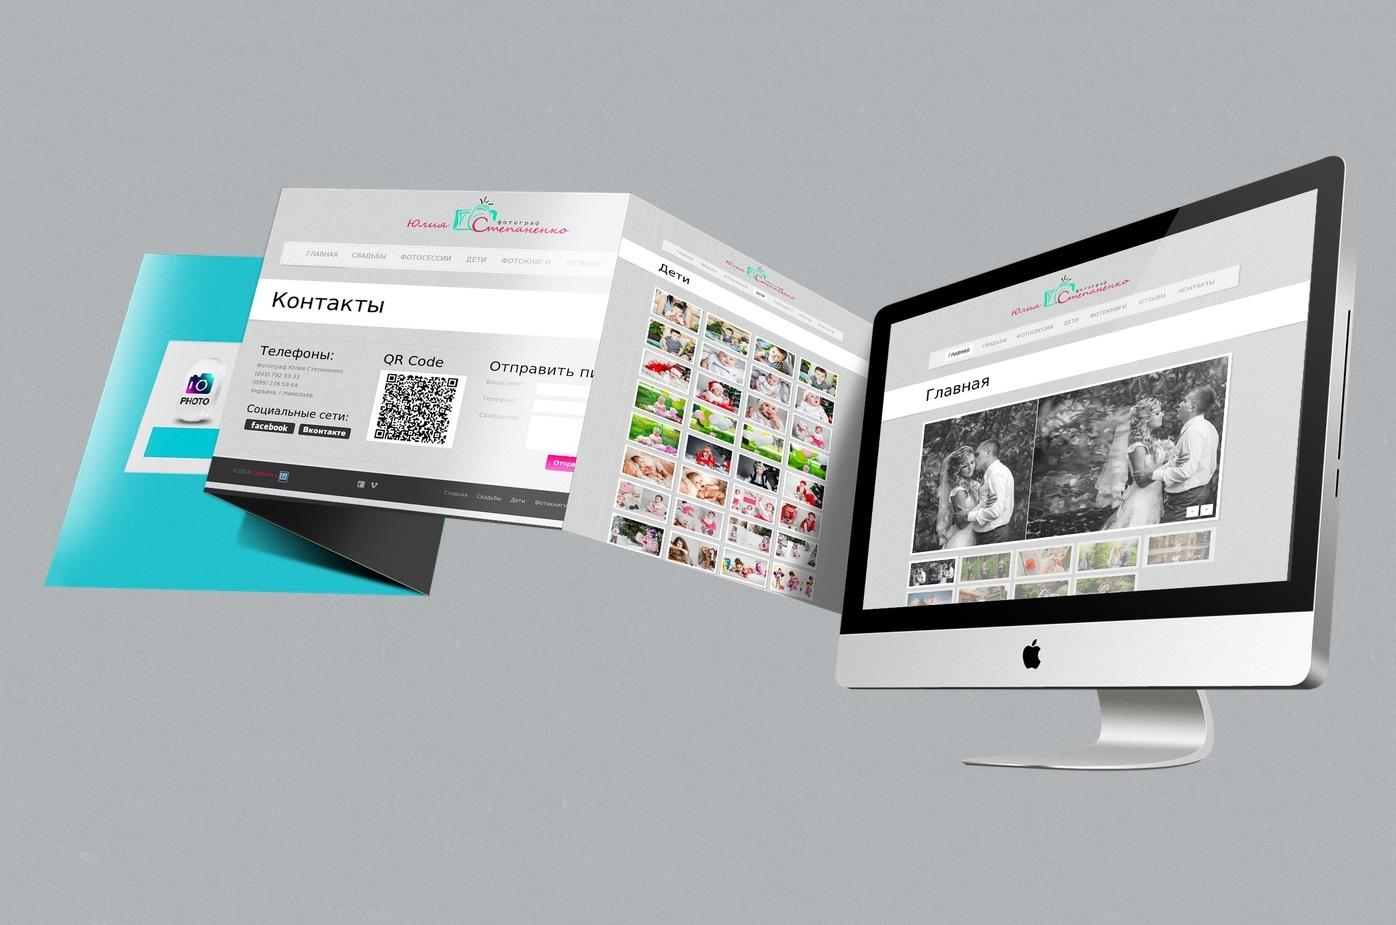 Создание сайтов в кургане цены транспортная компания энергия официальный сайт владивосток